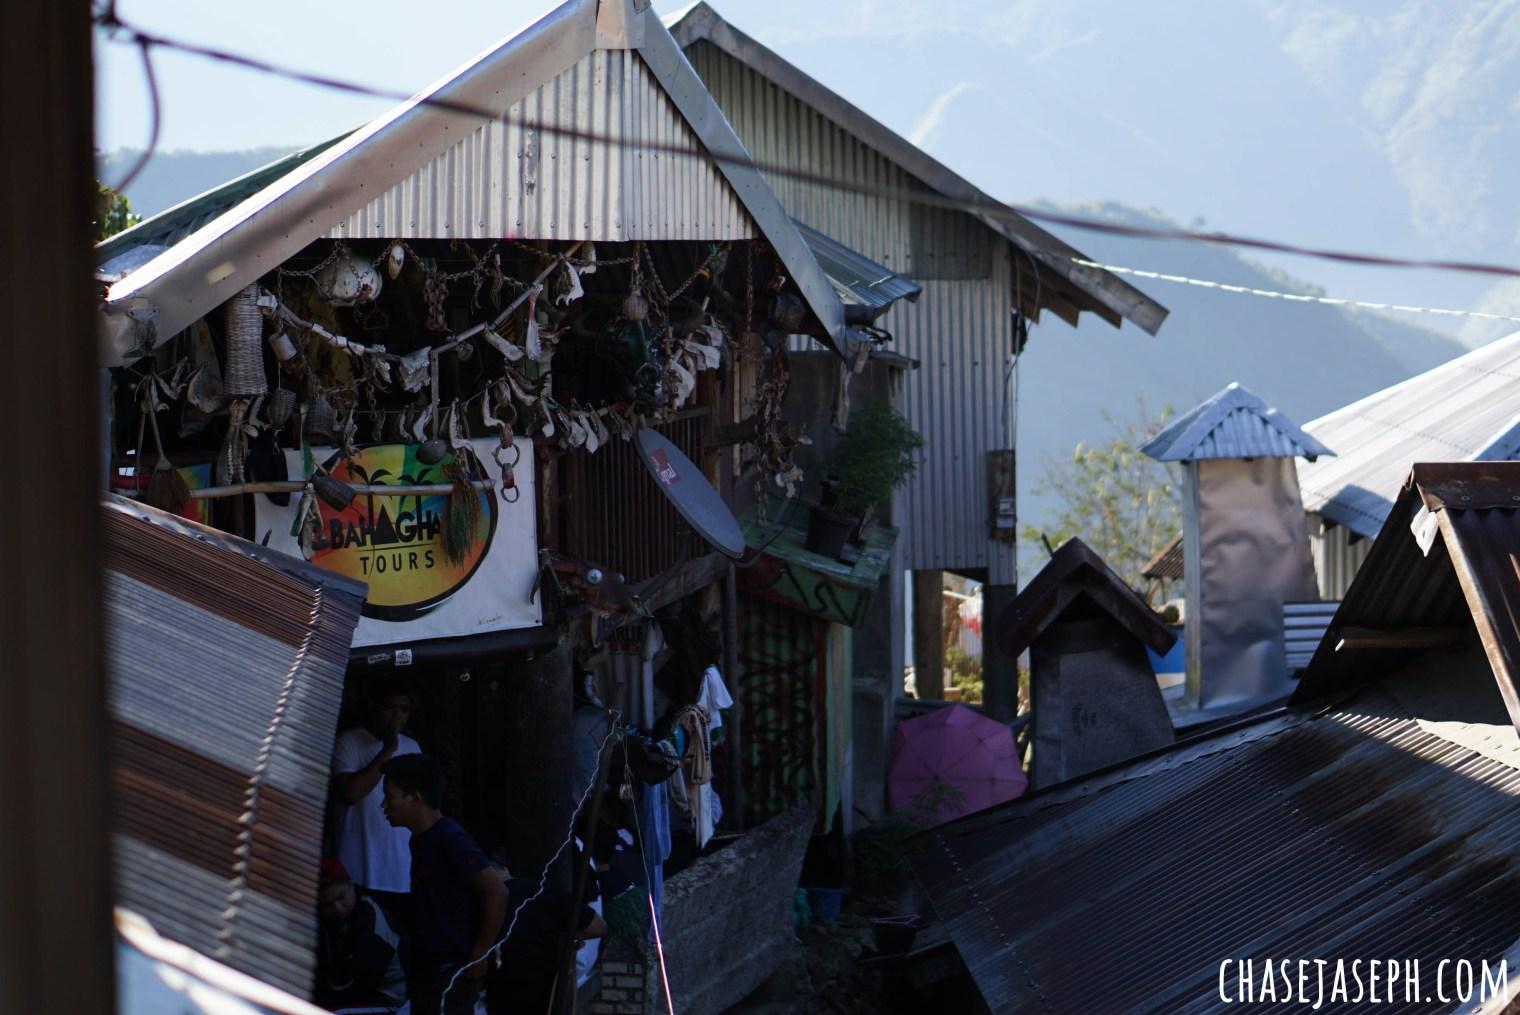 Buscalan Village in Tinglayan, Kalinga (Travel Guide)